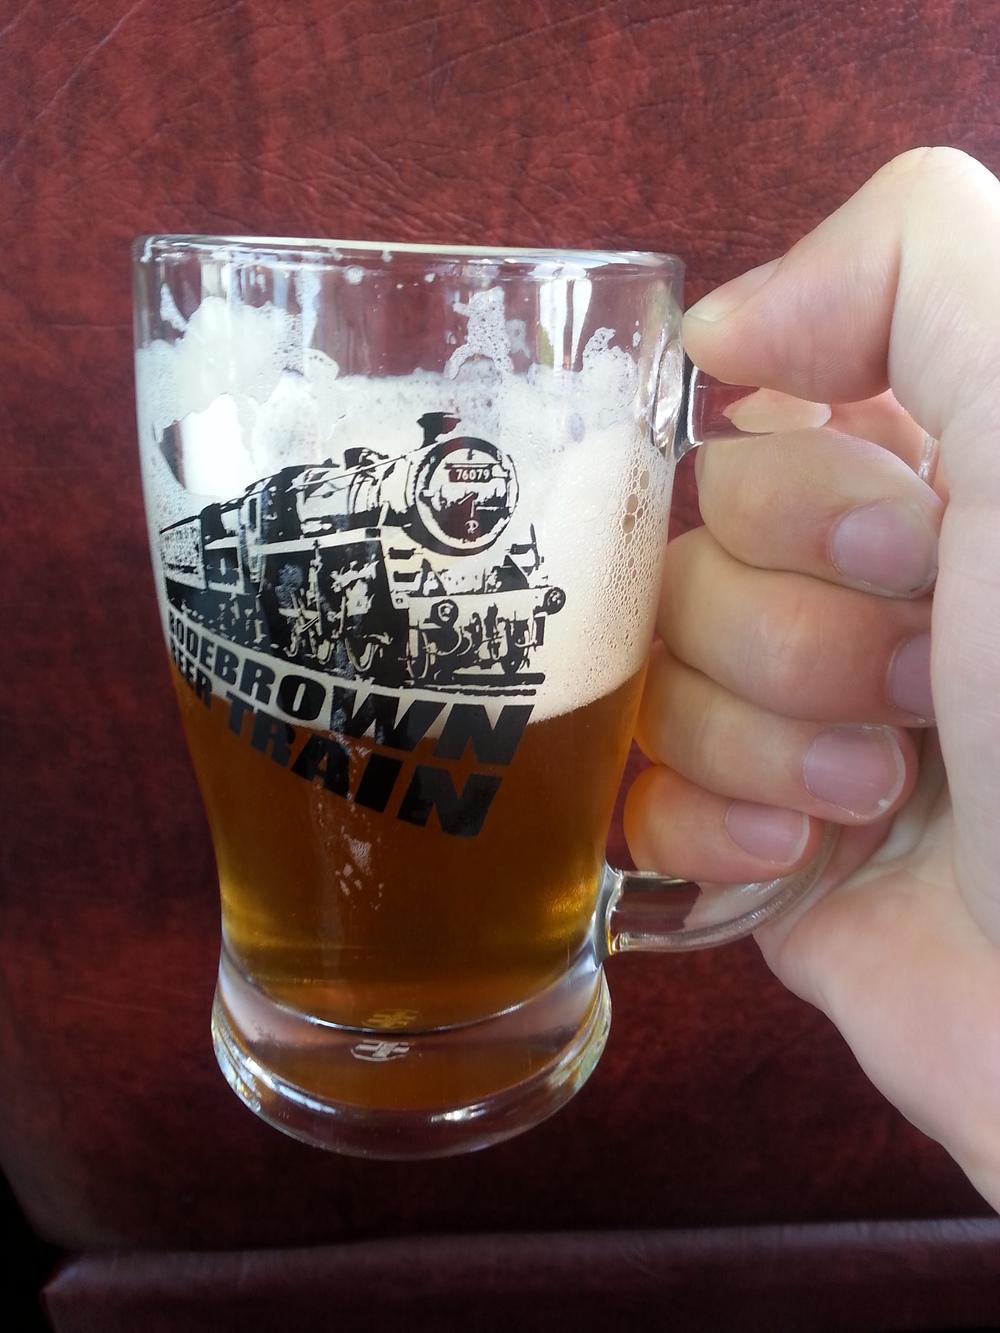 A inovação se estende à criação de eventos, com o Beer Ranch e o Beer Train